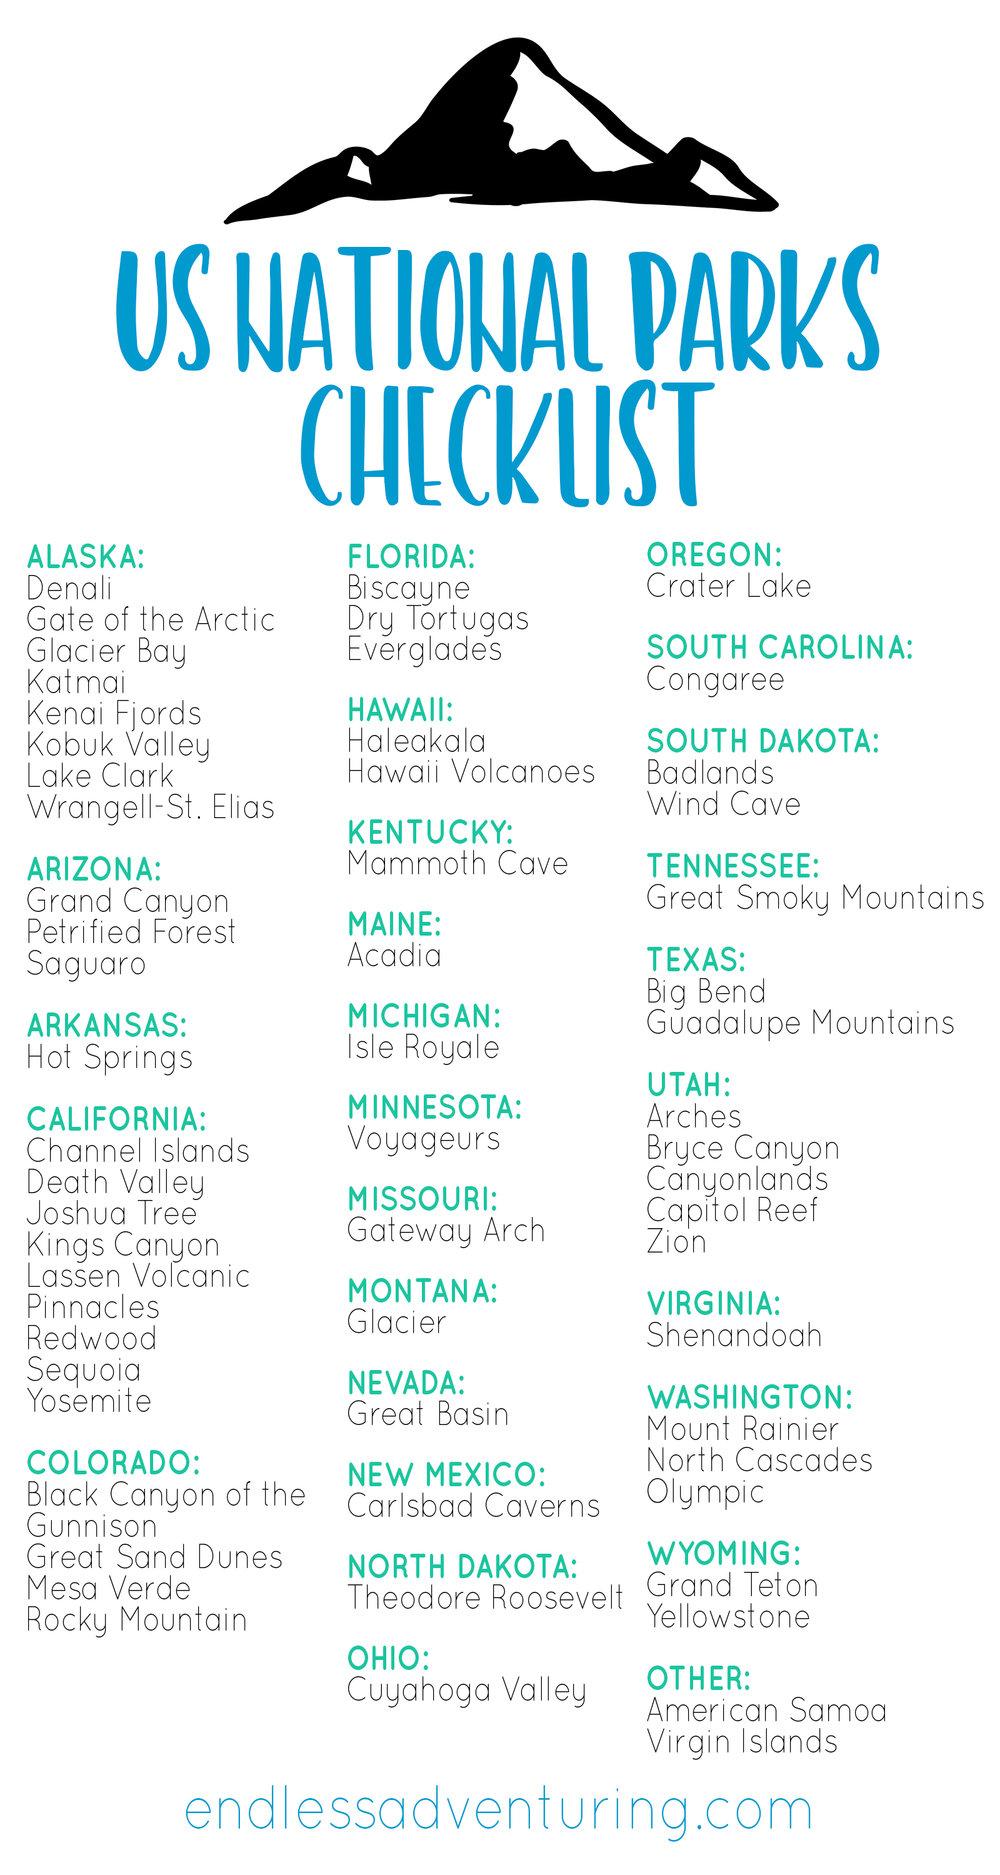 US National Park Checklist - US National Parks List, List of National Parks, American National Parks, National Parks, National Parks By State, National Parks by Location, National Parks List, All National Parks, Outdoor Recreation, Outdoor Travel, Outdoor Adventure, US Travel, National Parks Checklist